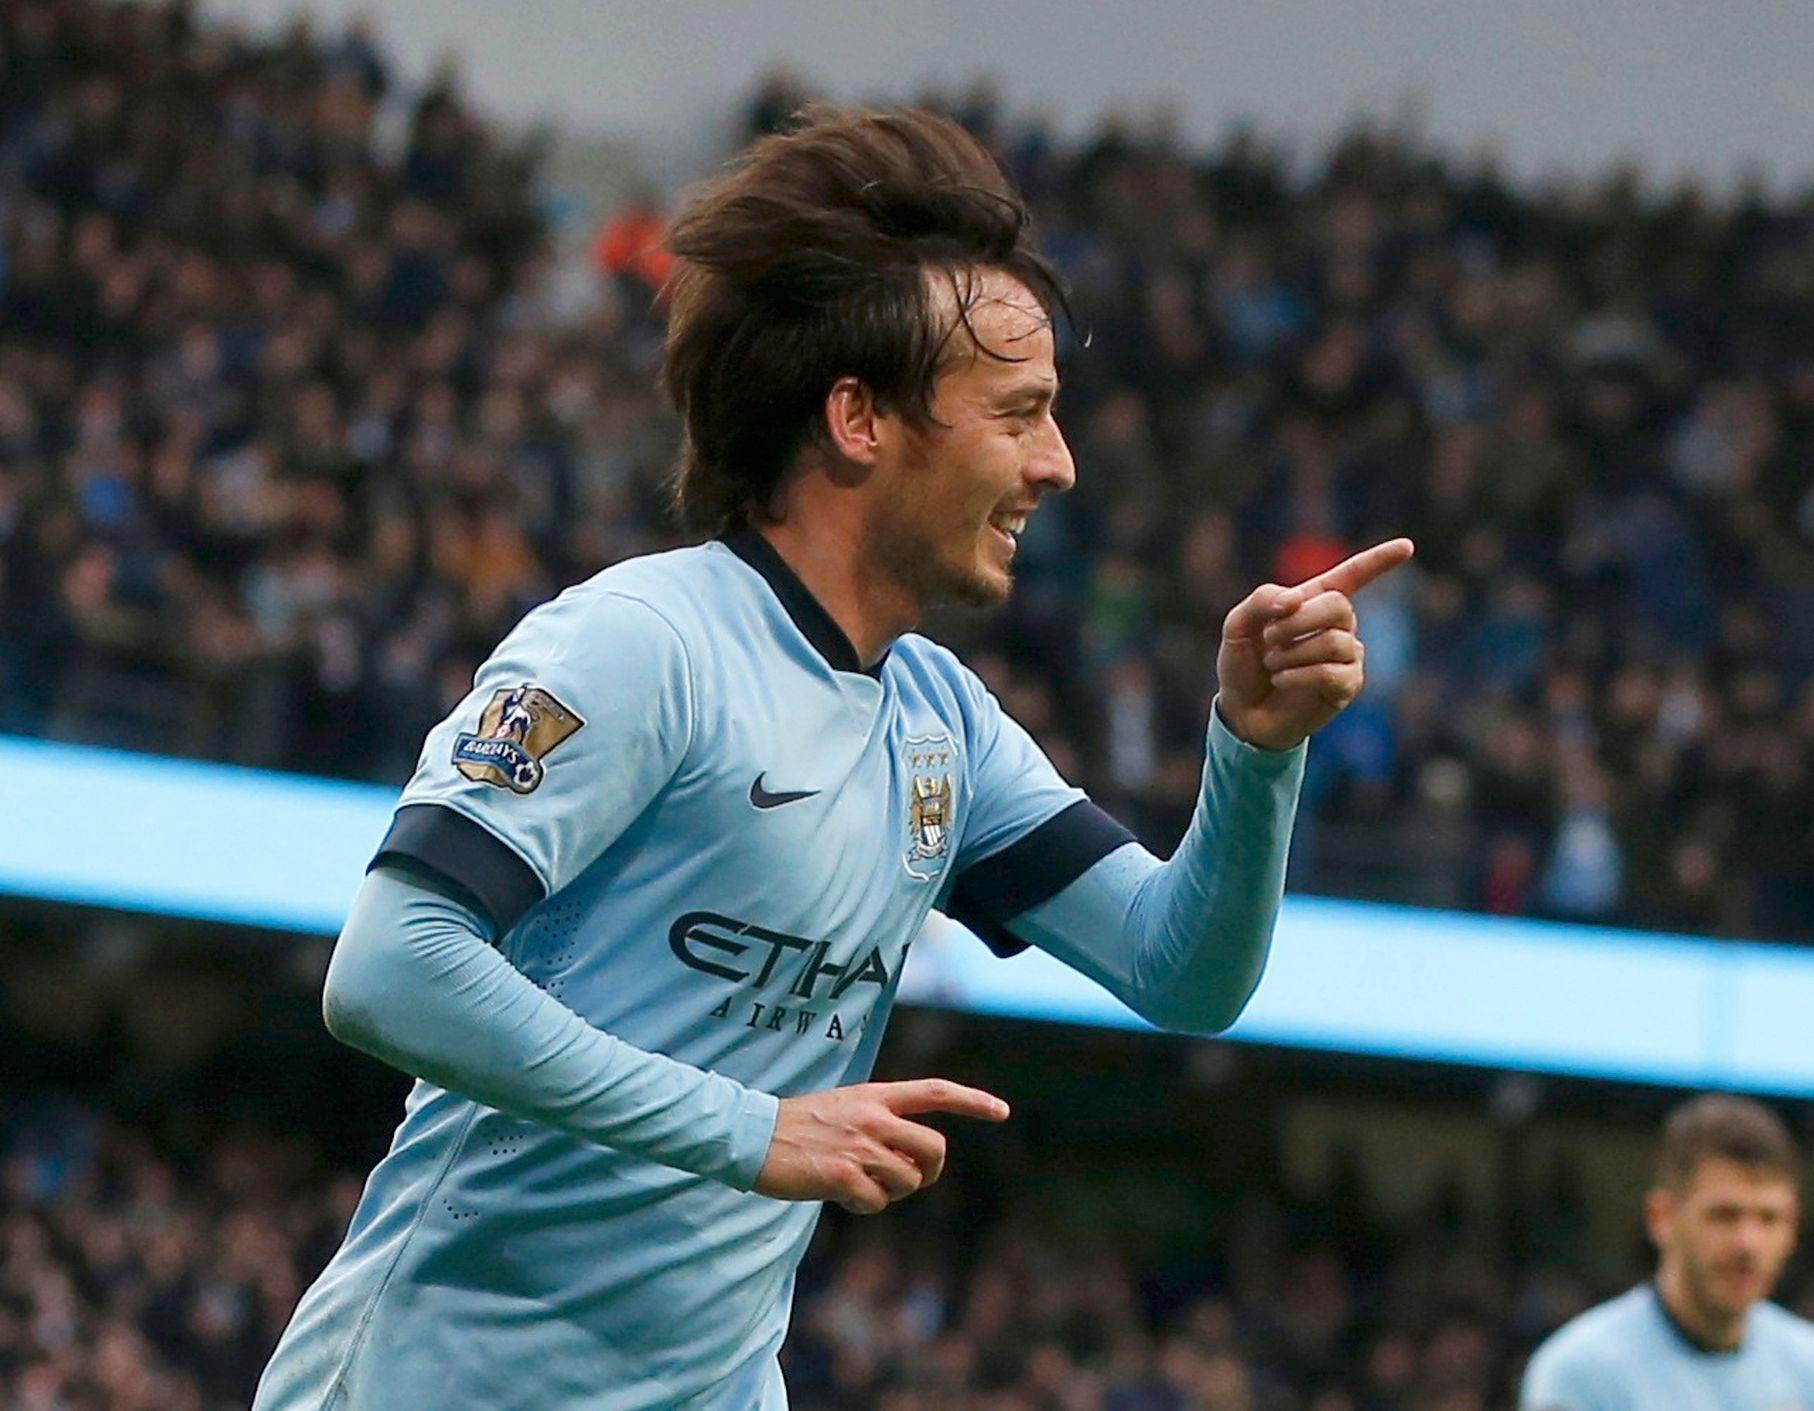 """Další z hráčů, kteří se místo na Old Trafford proslavili jen o pár ulic dál. Přitom i Davida Silvu sledoval sám Ferguson. Jenže nakonec od něj dal ruce pryč, nelíbilo se mu, že hraje jen dopředu. """"Měl jsem s tím problém. Jasně, nakonec patří k těm největším. Můžete říct, že Lionel Messi je taky klasickou desítkou, stejně jako Maradona, skvělí hráči, a já se nebudu přít. Ale v Manchesteru jsme to prostě měli jinak,"""" nevzdal se Ferguson svého vidění fotbalu."""